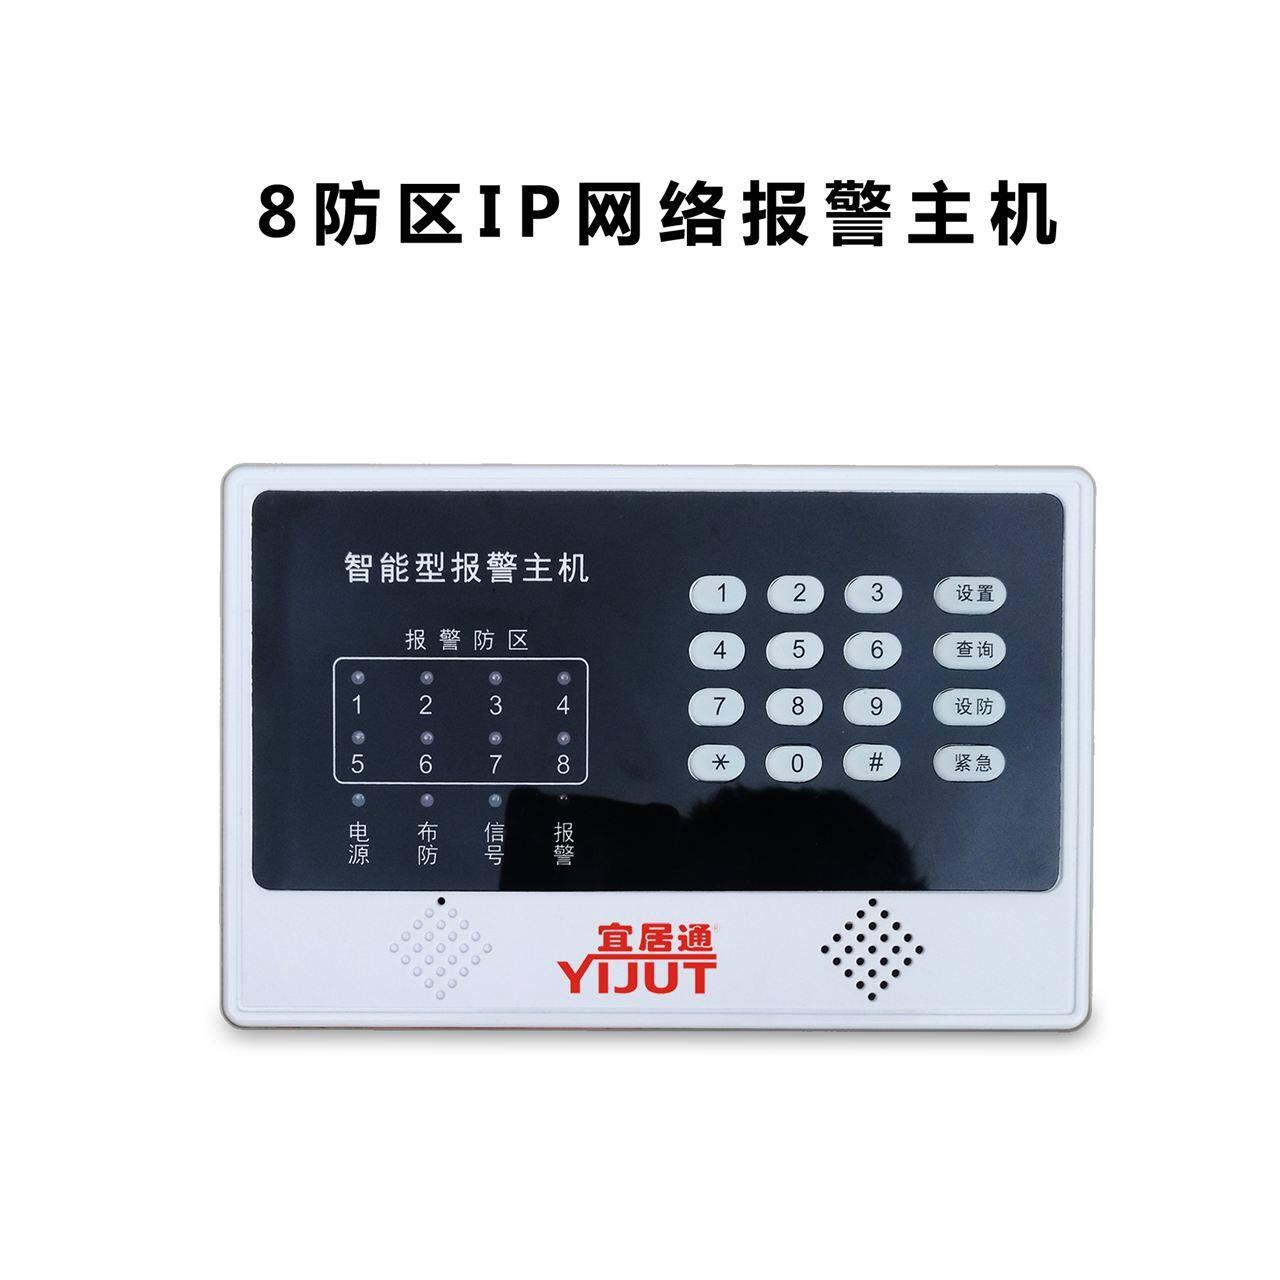 8防區IP網絡報警主機新品上市